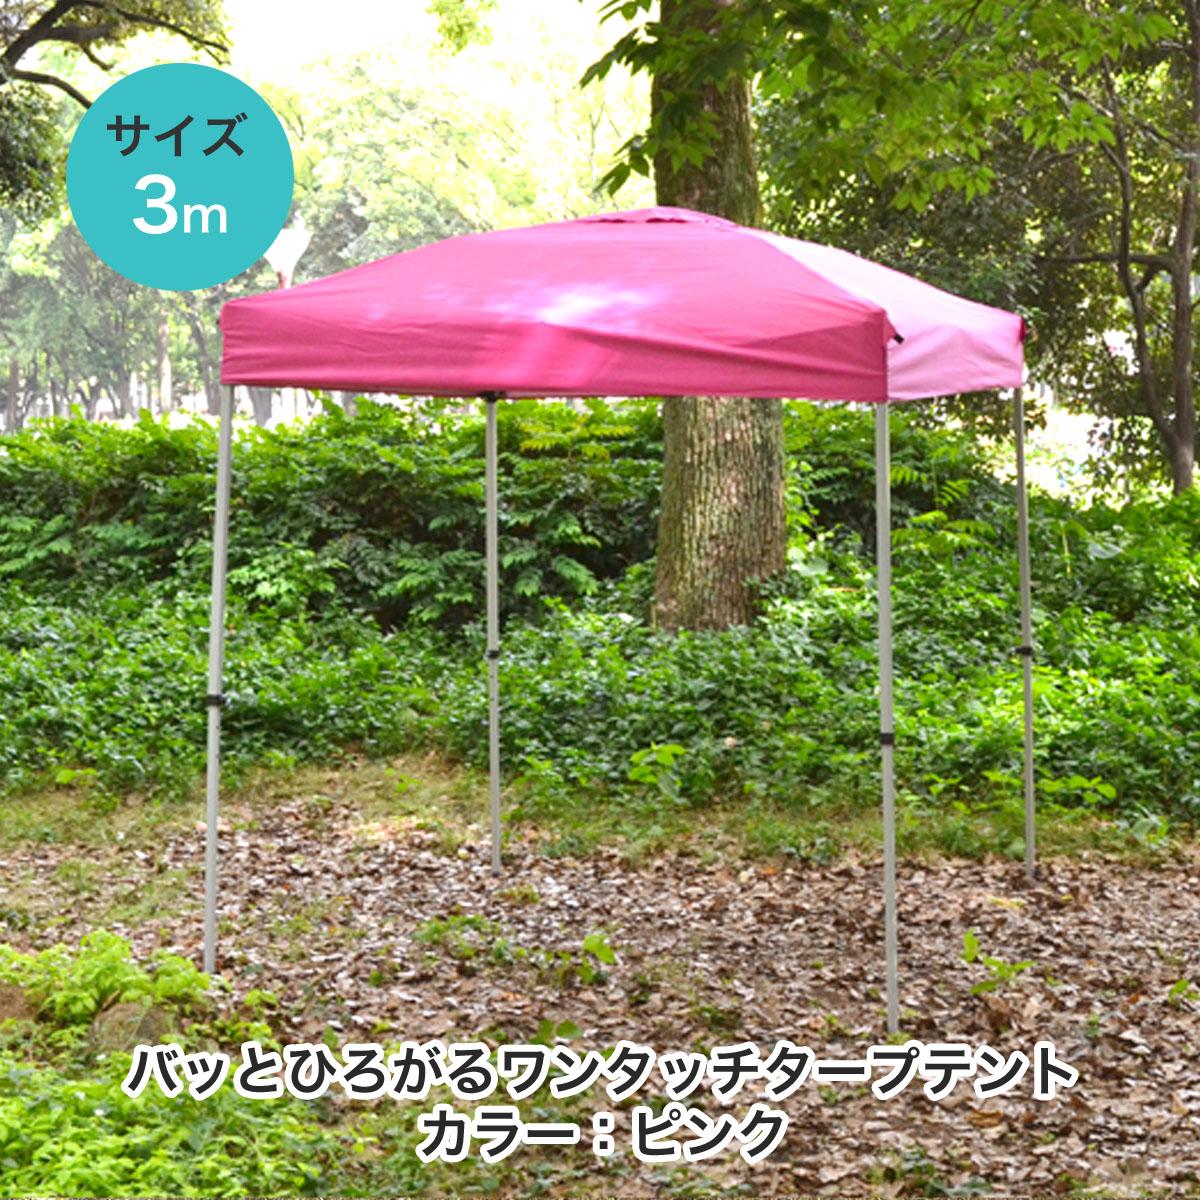 バッとひろがるワンタッチ テントL(3×3m) 【ピンク】 ※本品はメーカー直送品のため代引き不可です。 商品型番:nnwtp-300-pk